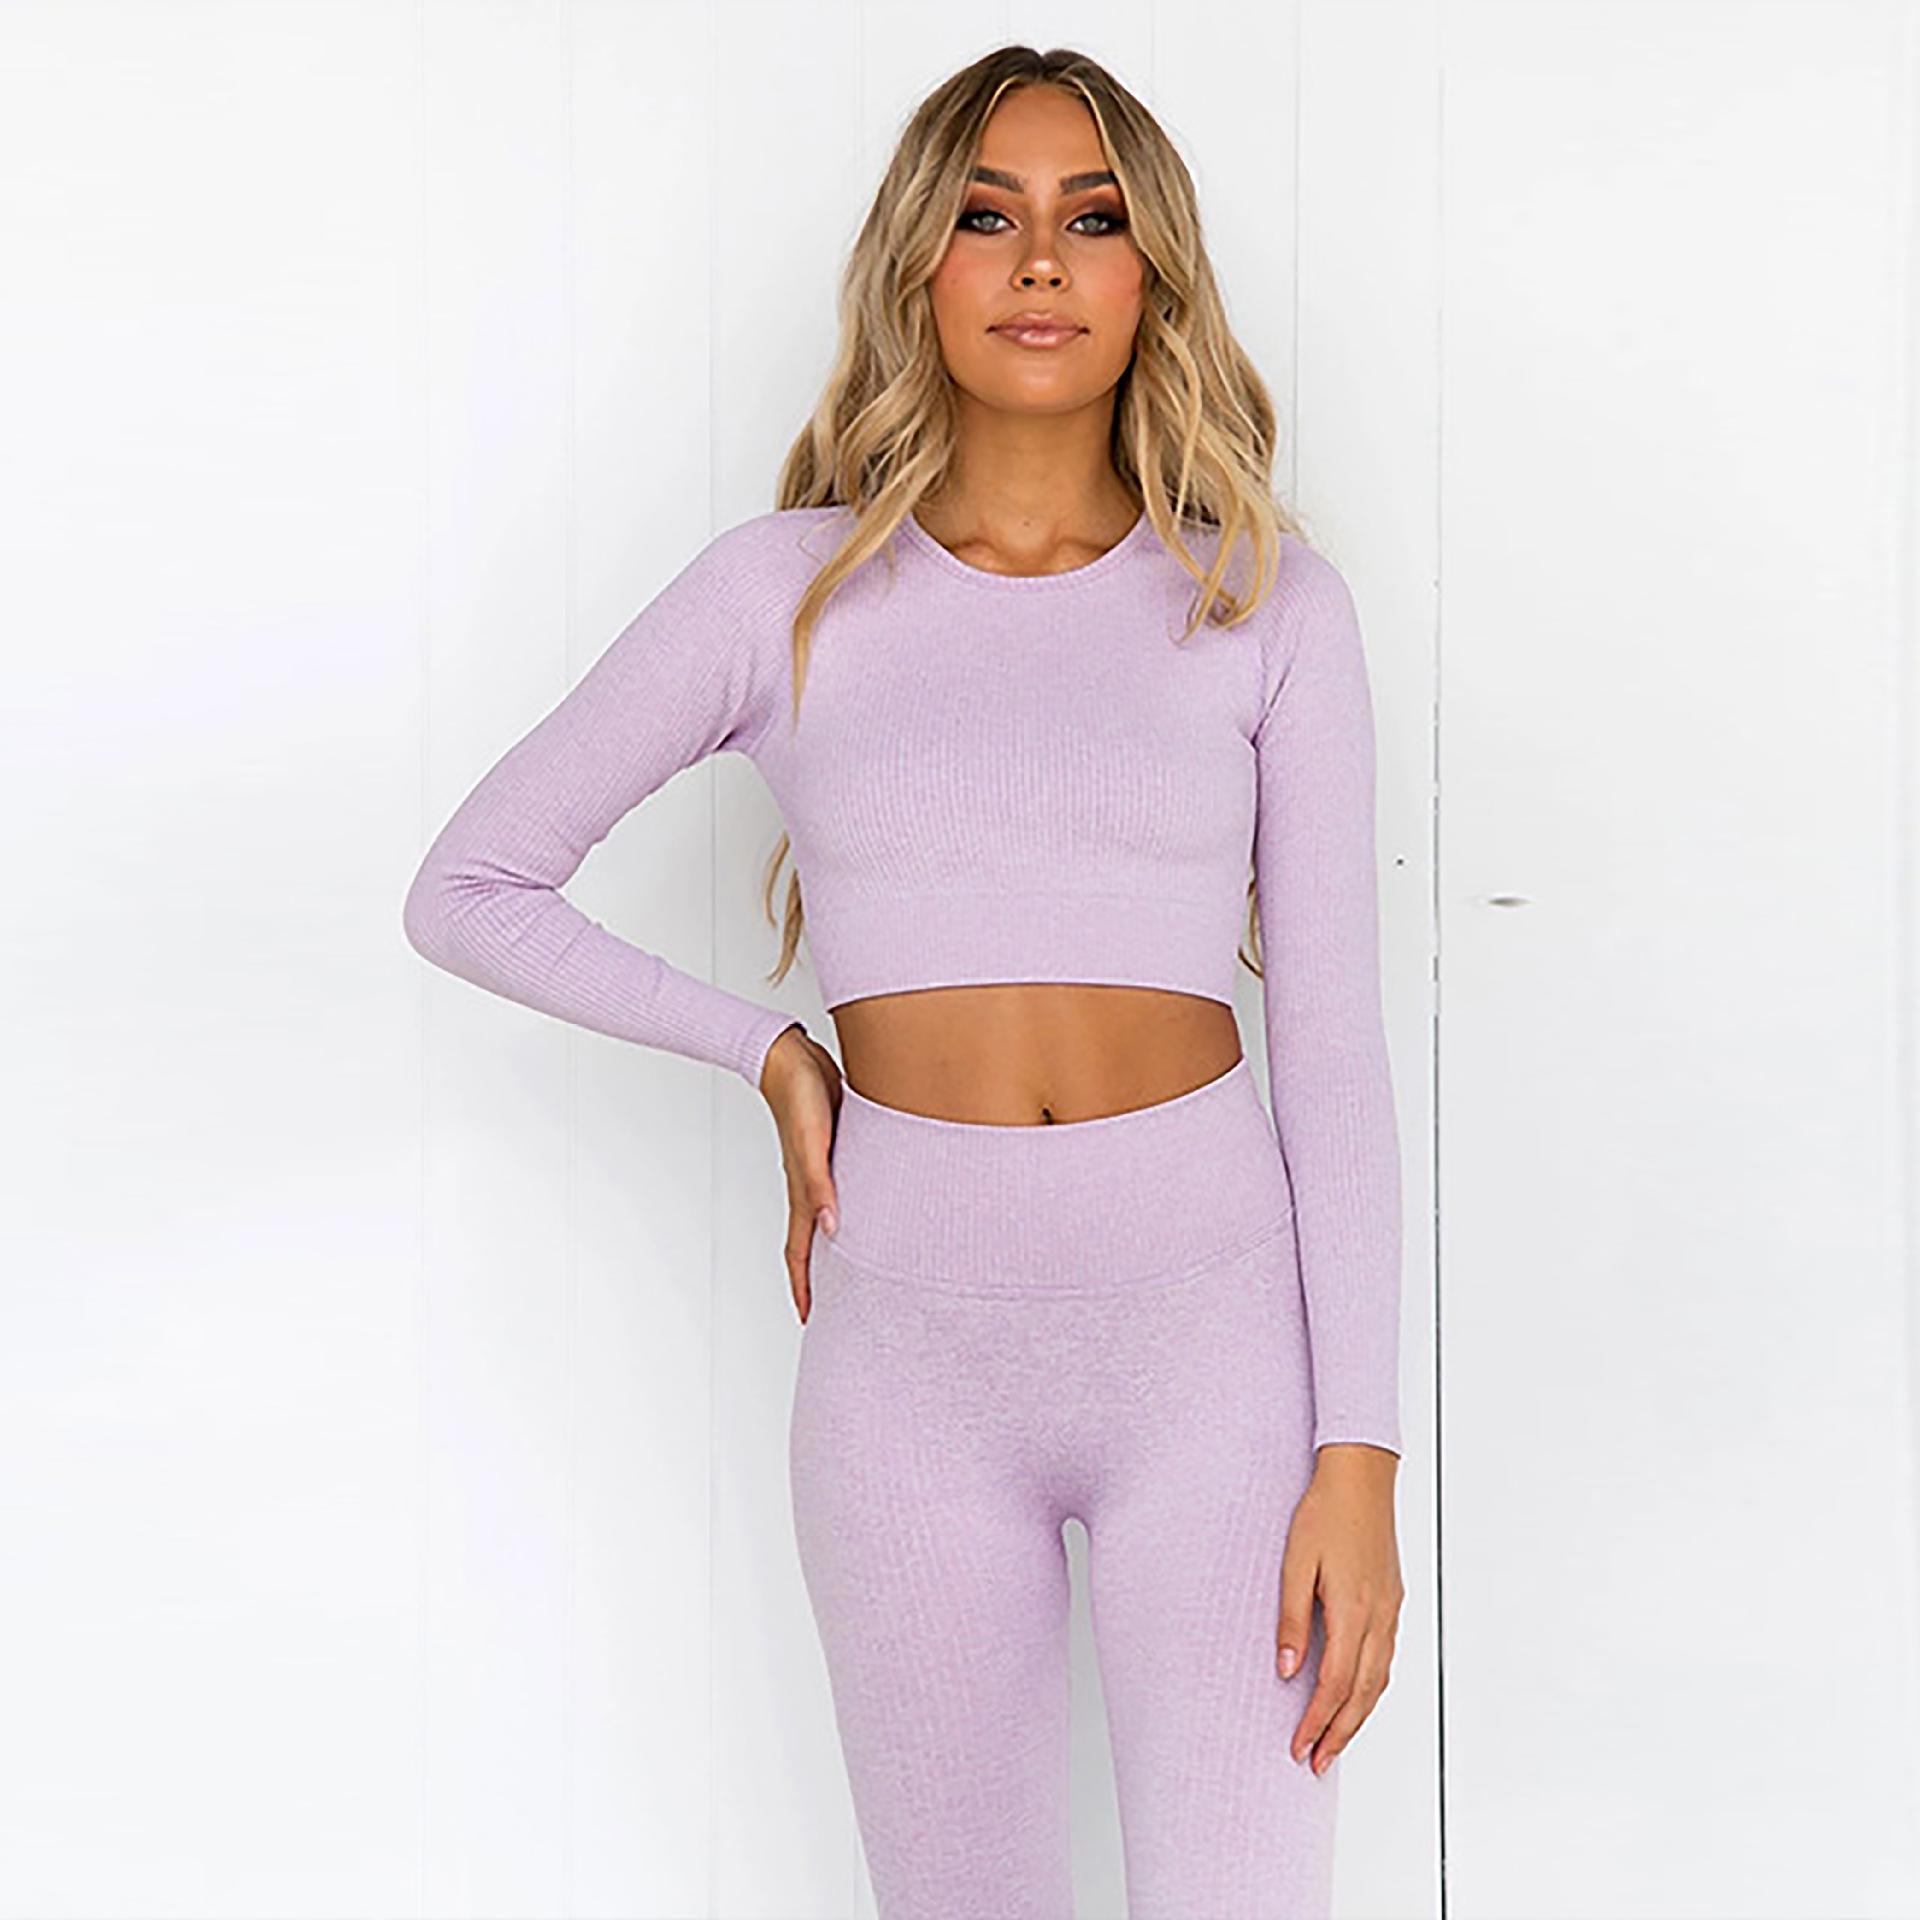 Ücretsiz Gemi Örme Dikişsiz Seksi Spor Giysileri kadın sıkı montaj t-shirt sonbahar ve kış spor giyim Reveh risper yoga giyim